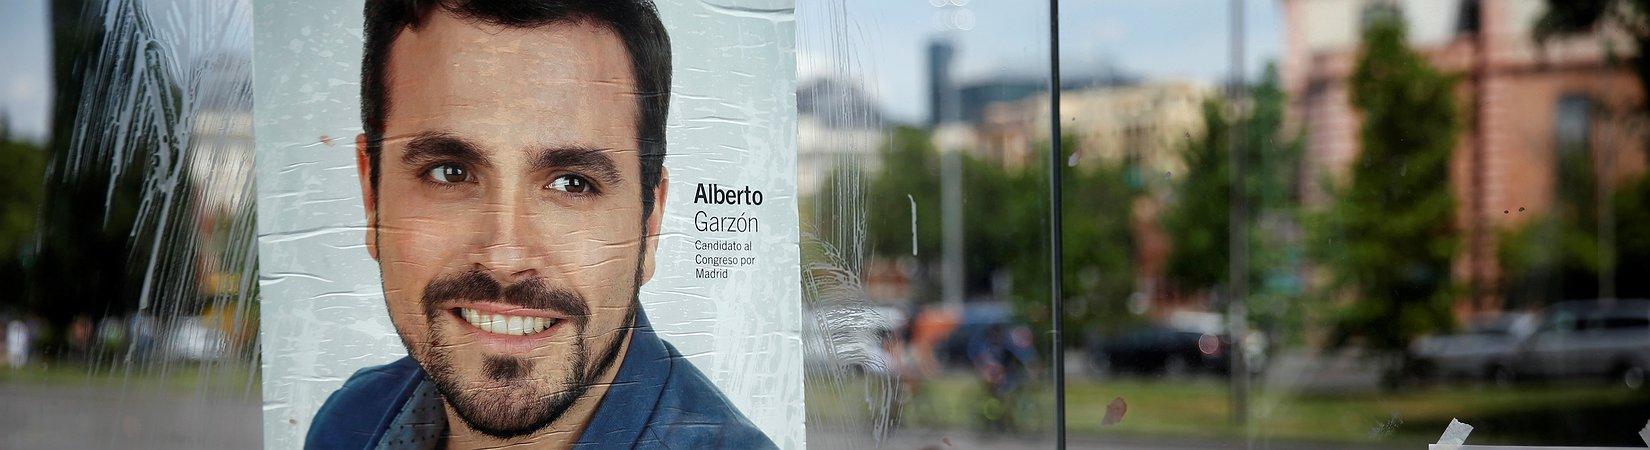 El economista marxista que intenta hacerse con el poder en España